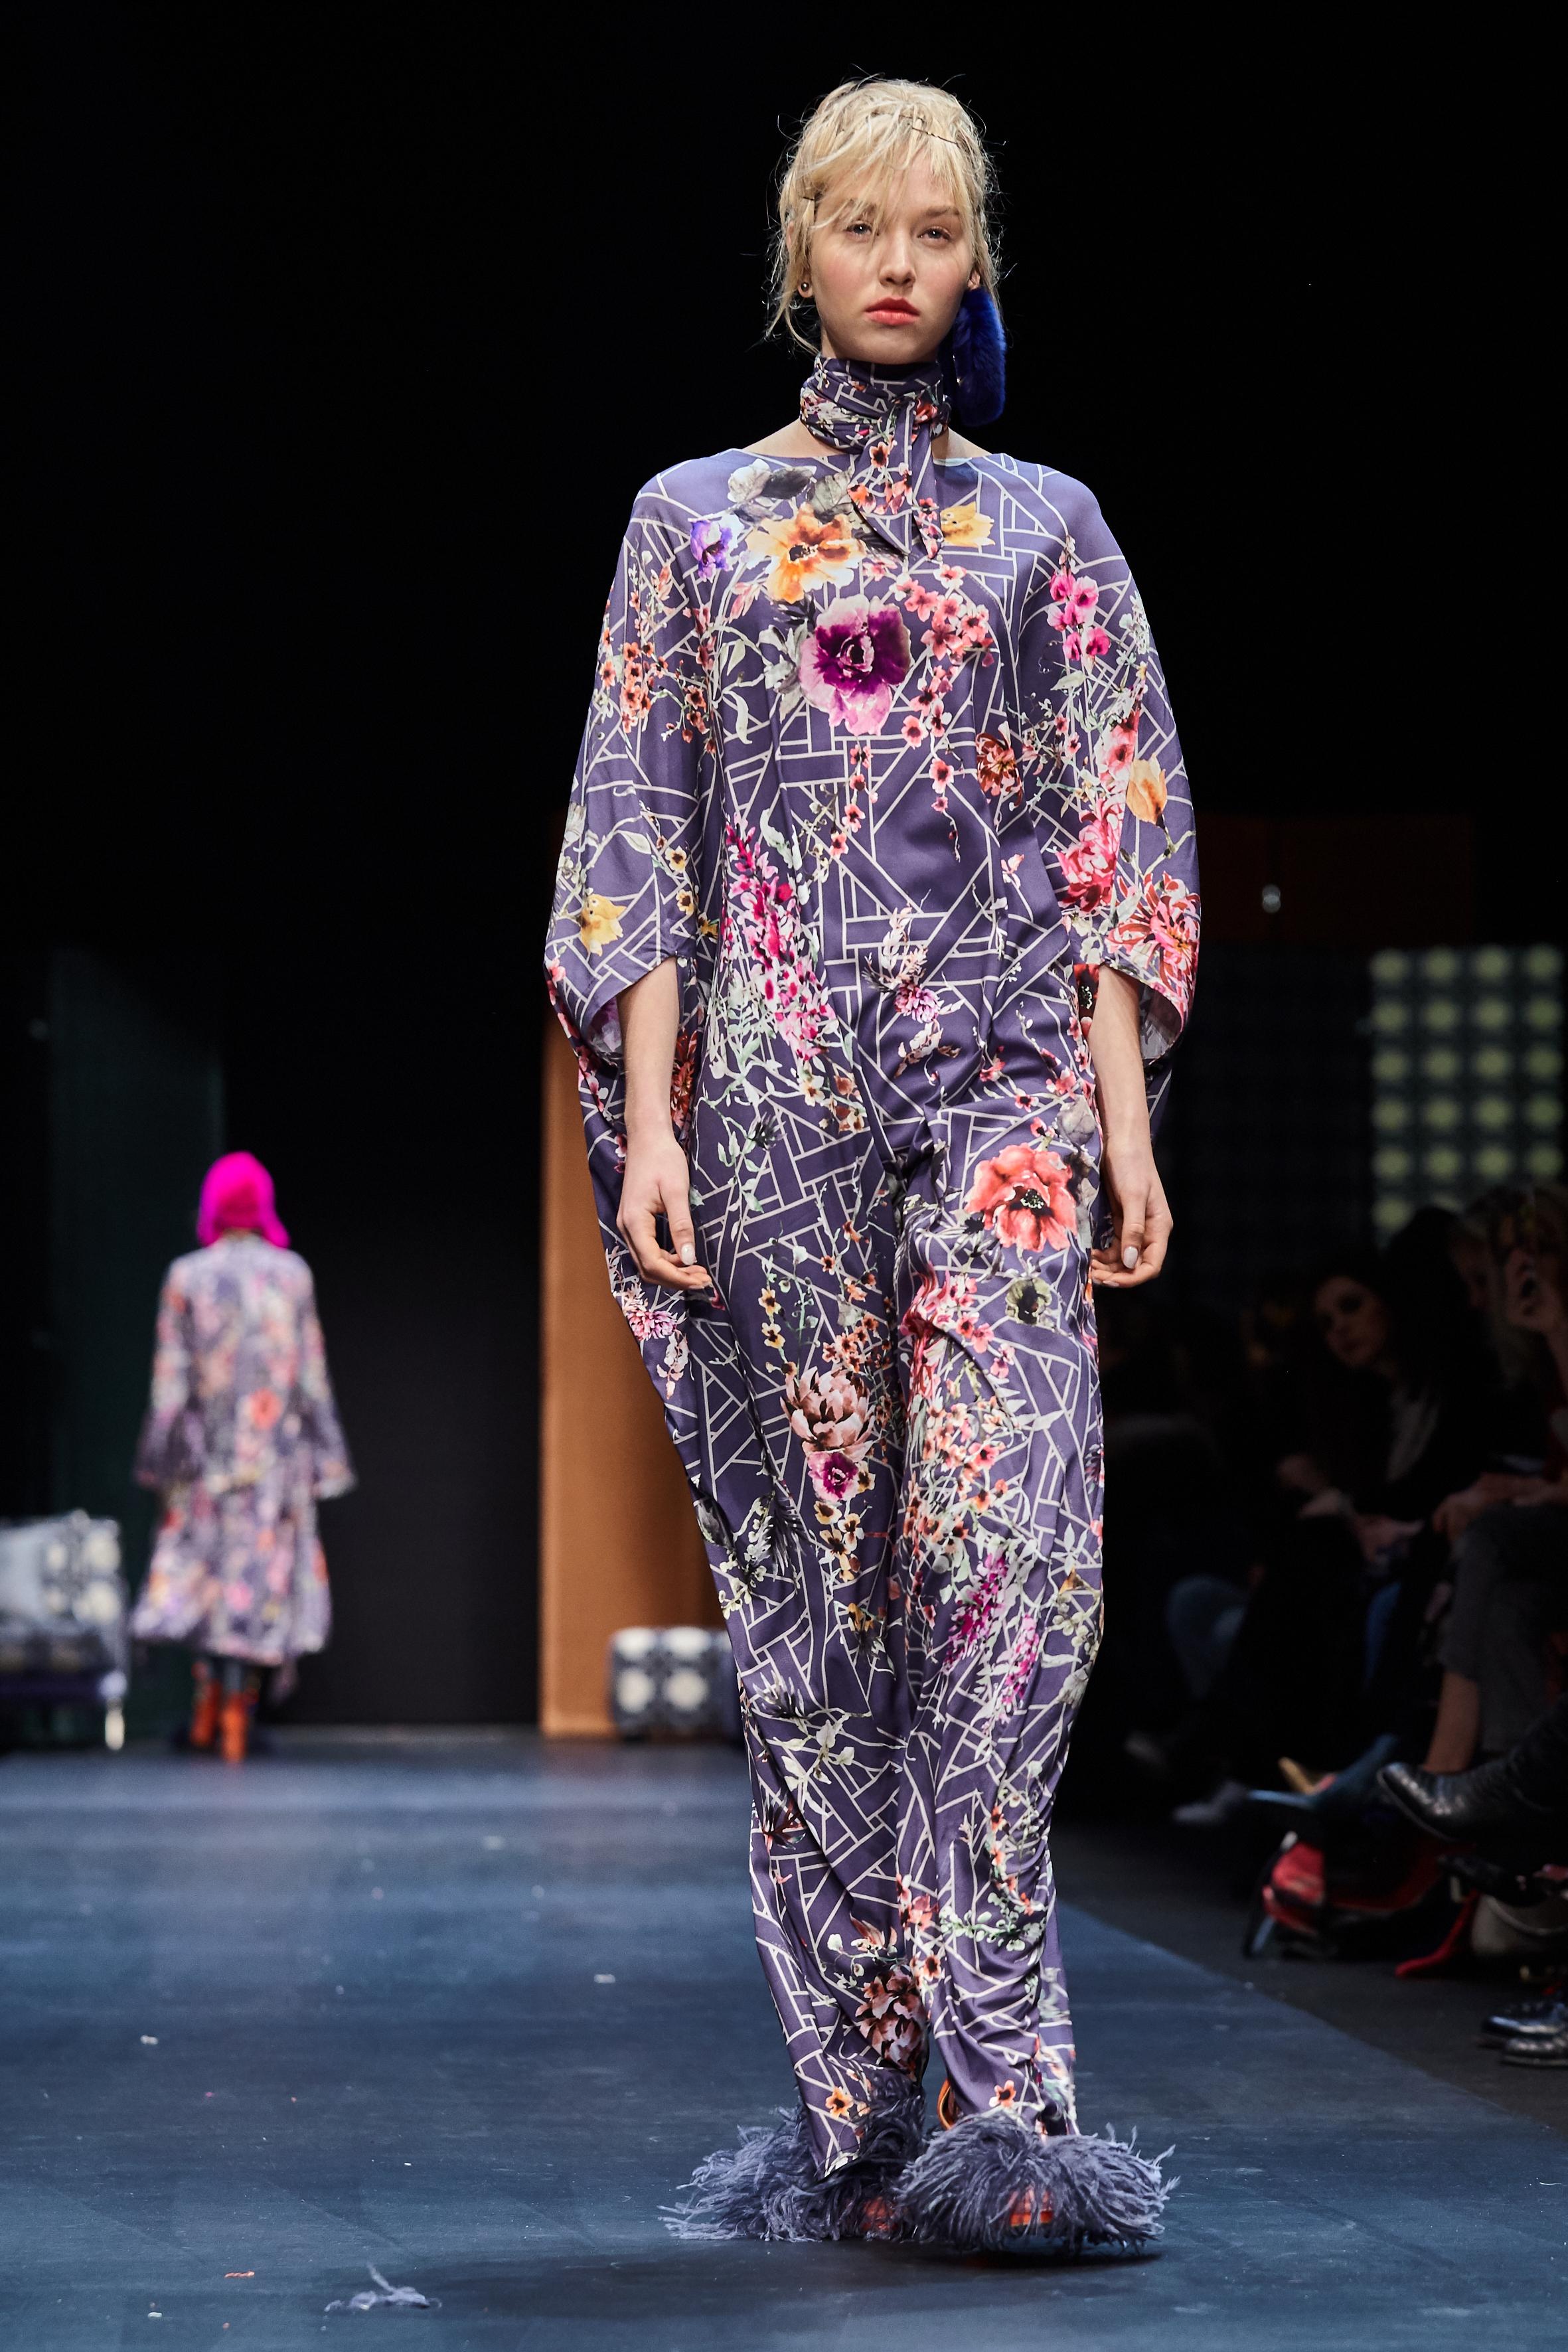 Looks_DawidTomaszewski_FashionWeekAW2018-19_HeidiRondak 227.jpg